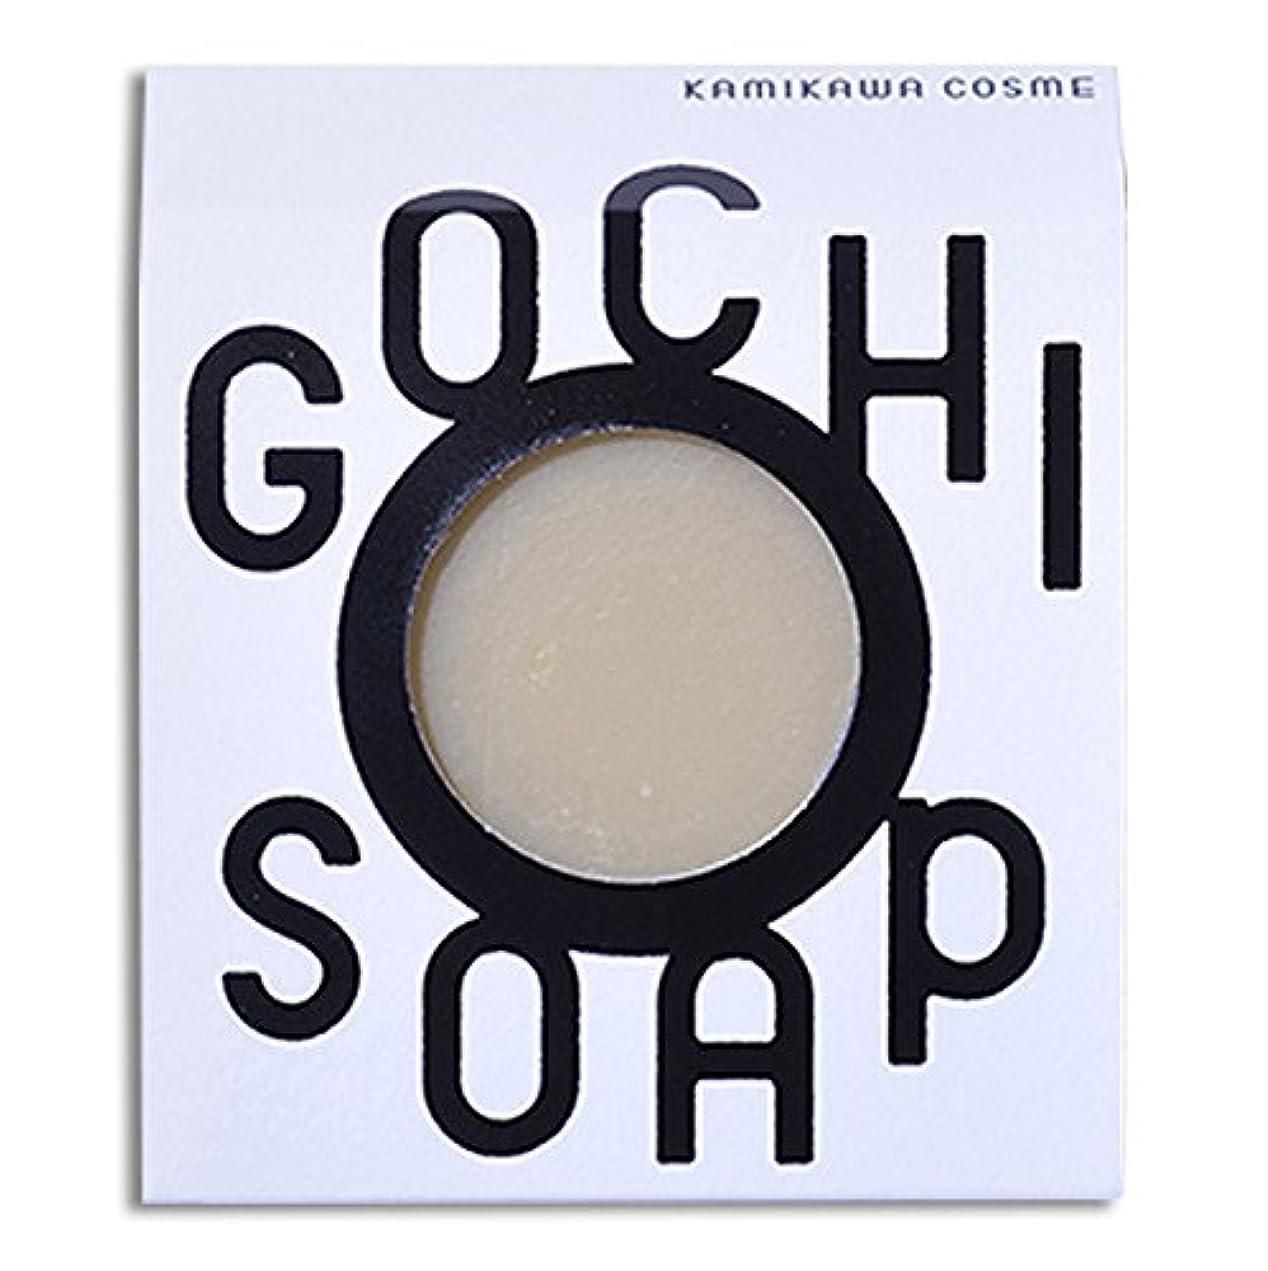 飛ぶ水分孤児道北の素材を使用したコスメブランド GOCHI SOAP(伊勢ファームの牛乳ソープ?平田こうじ店の米糀ソープ)各1個セット